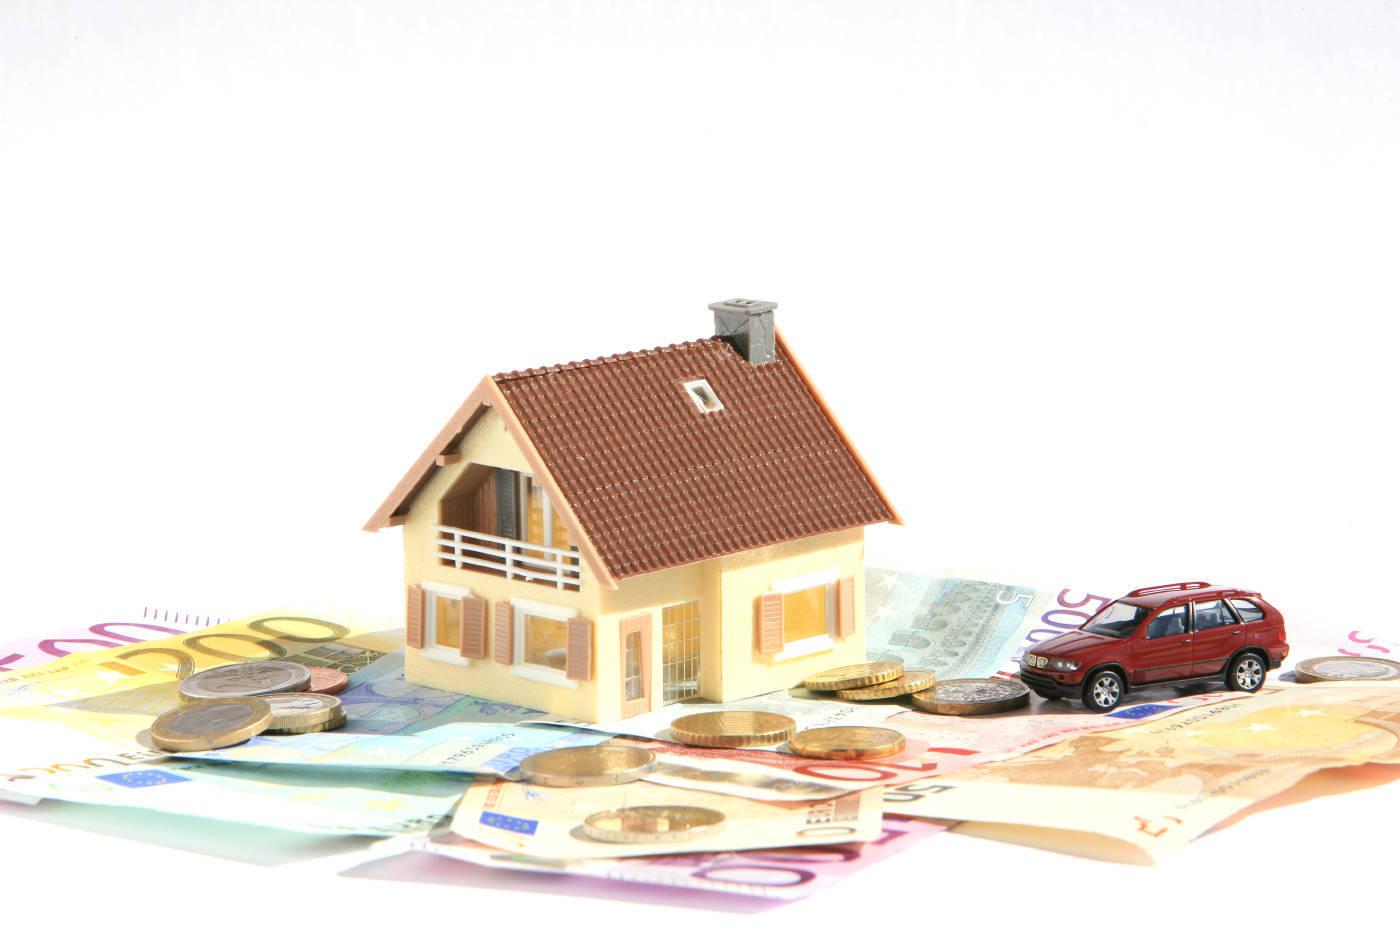 轻松2步梳理家庭资产让钱越来越多